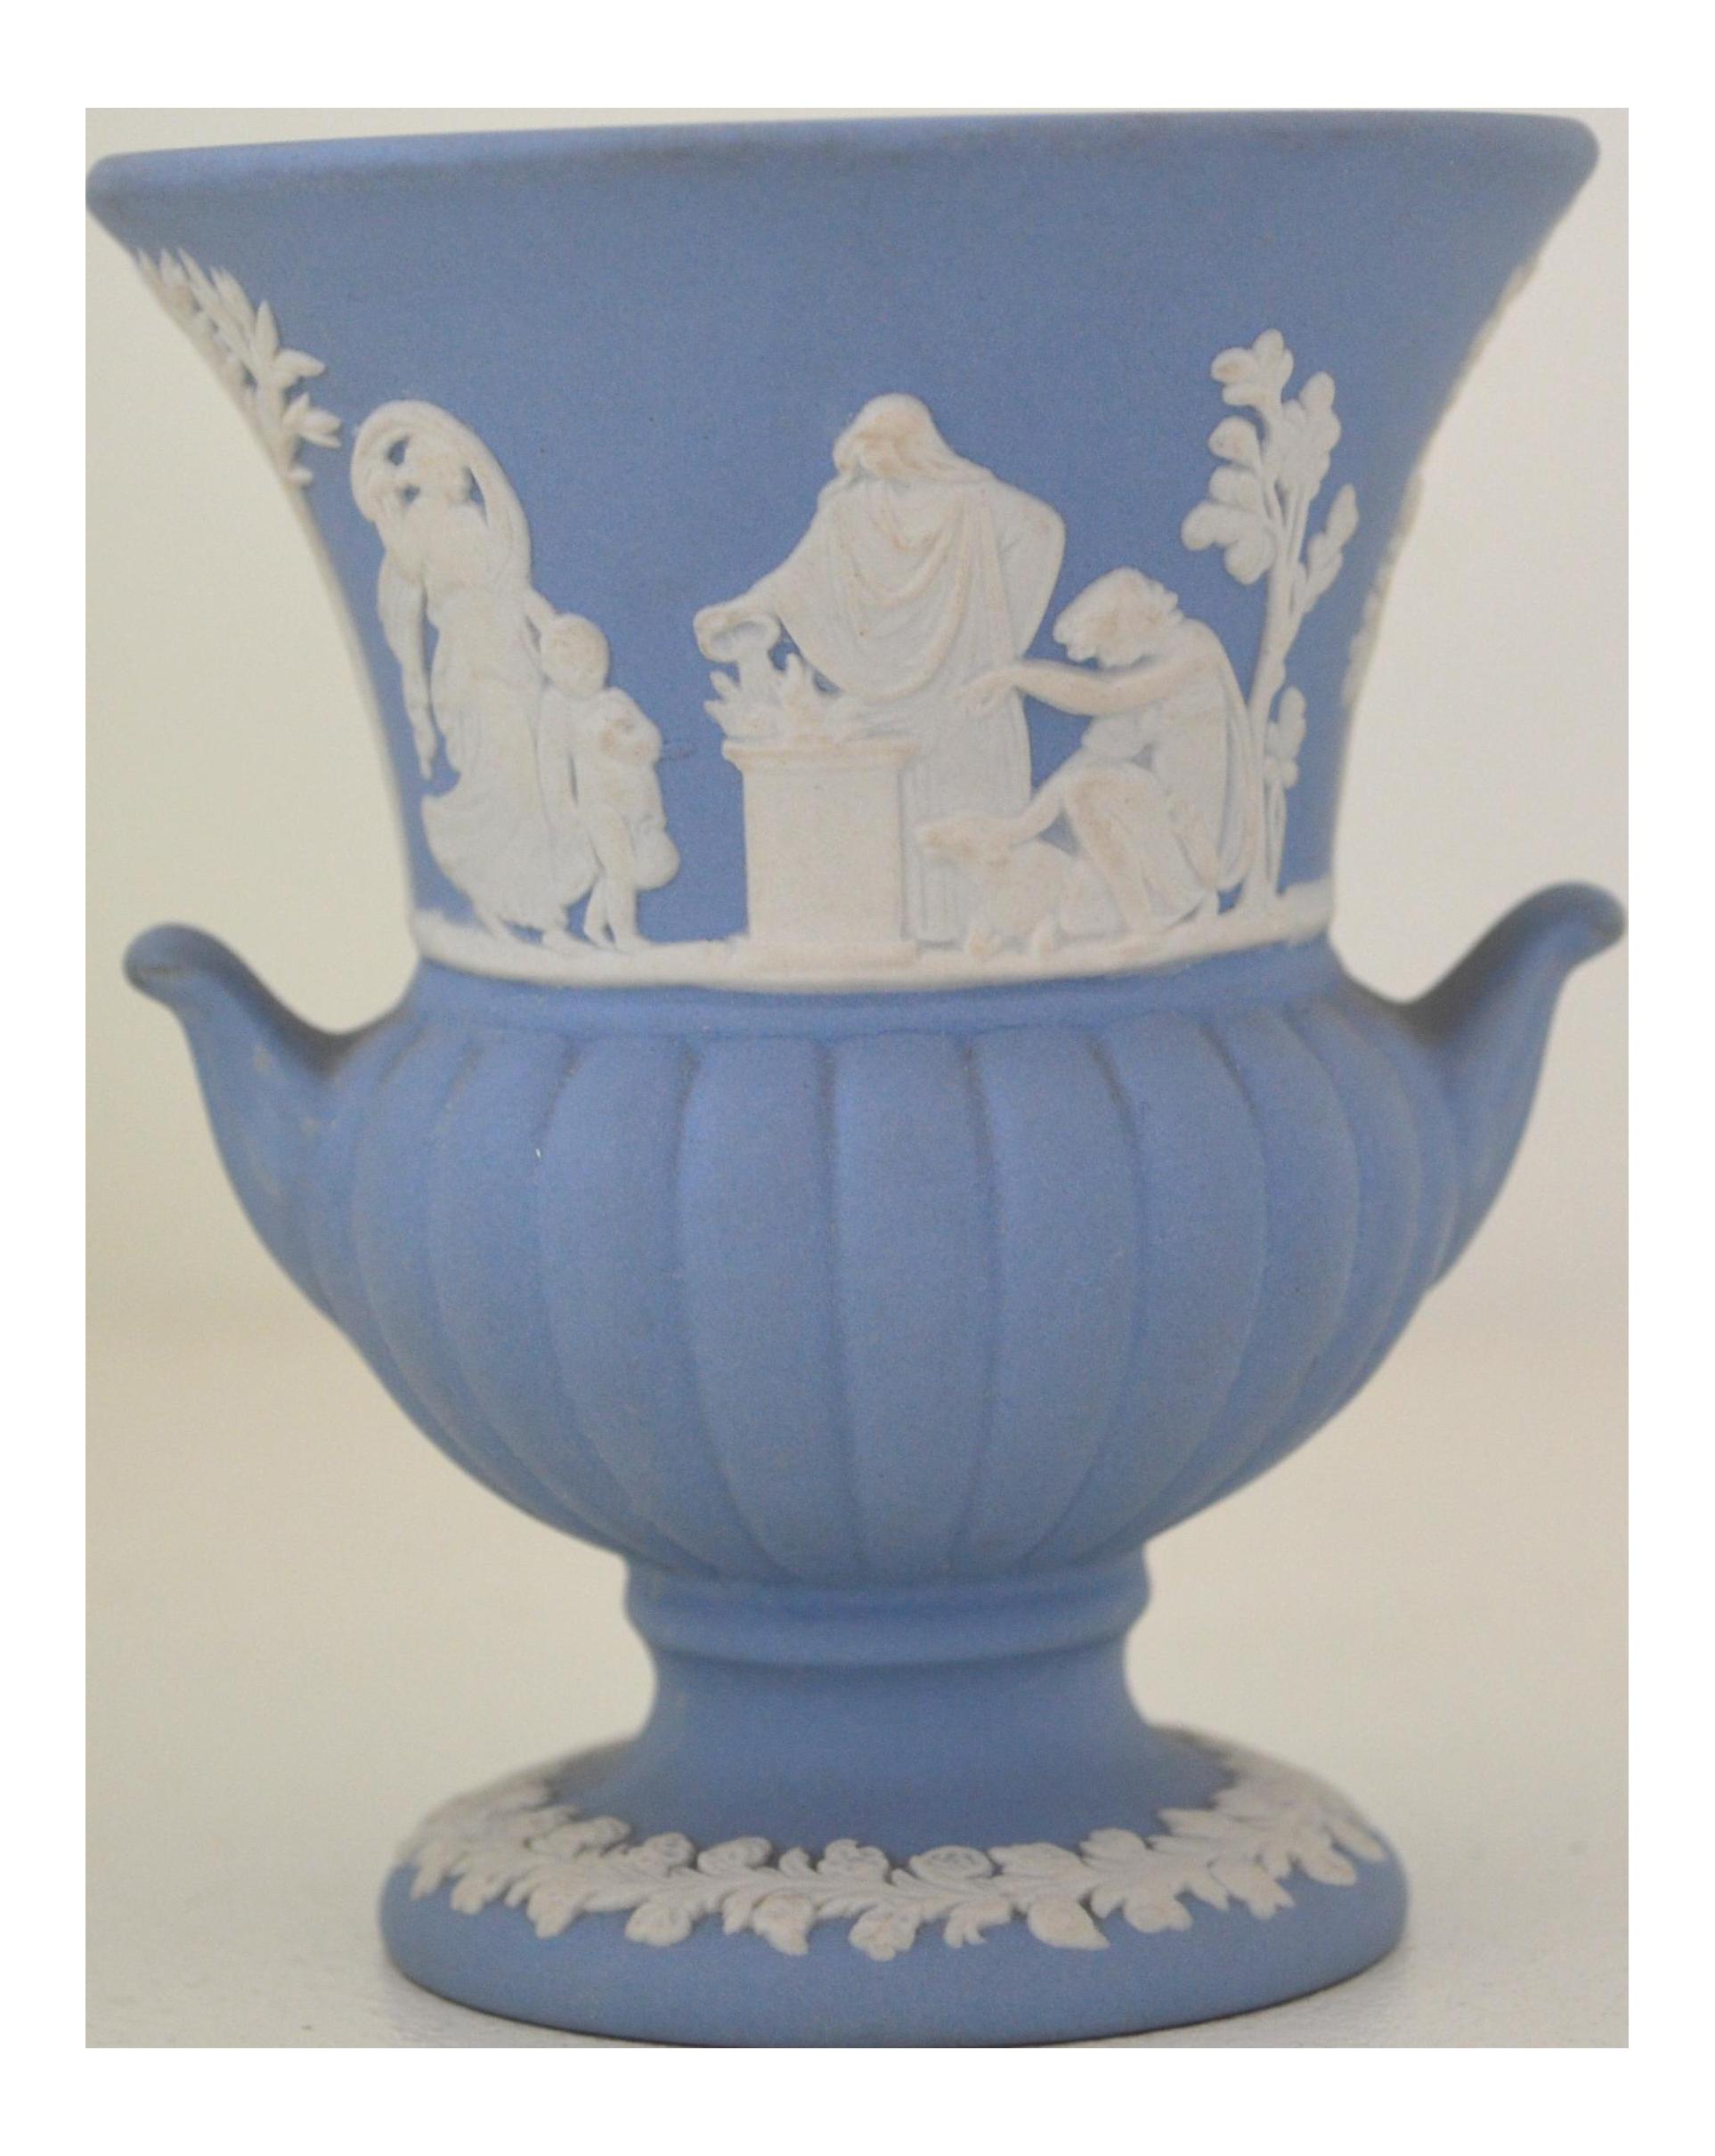 Antique Wedgwood Jasperware Blue & White Urn Vase England ...